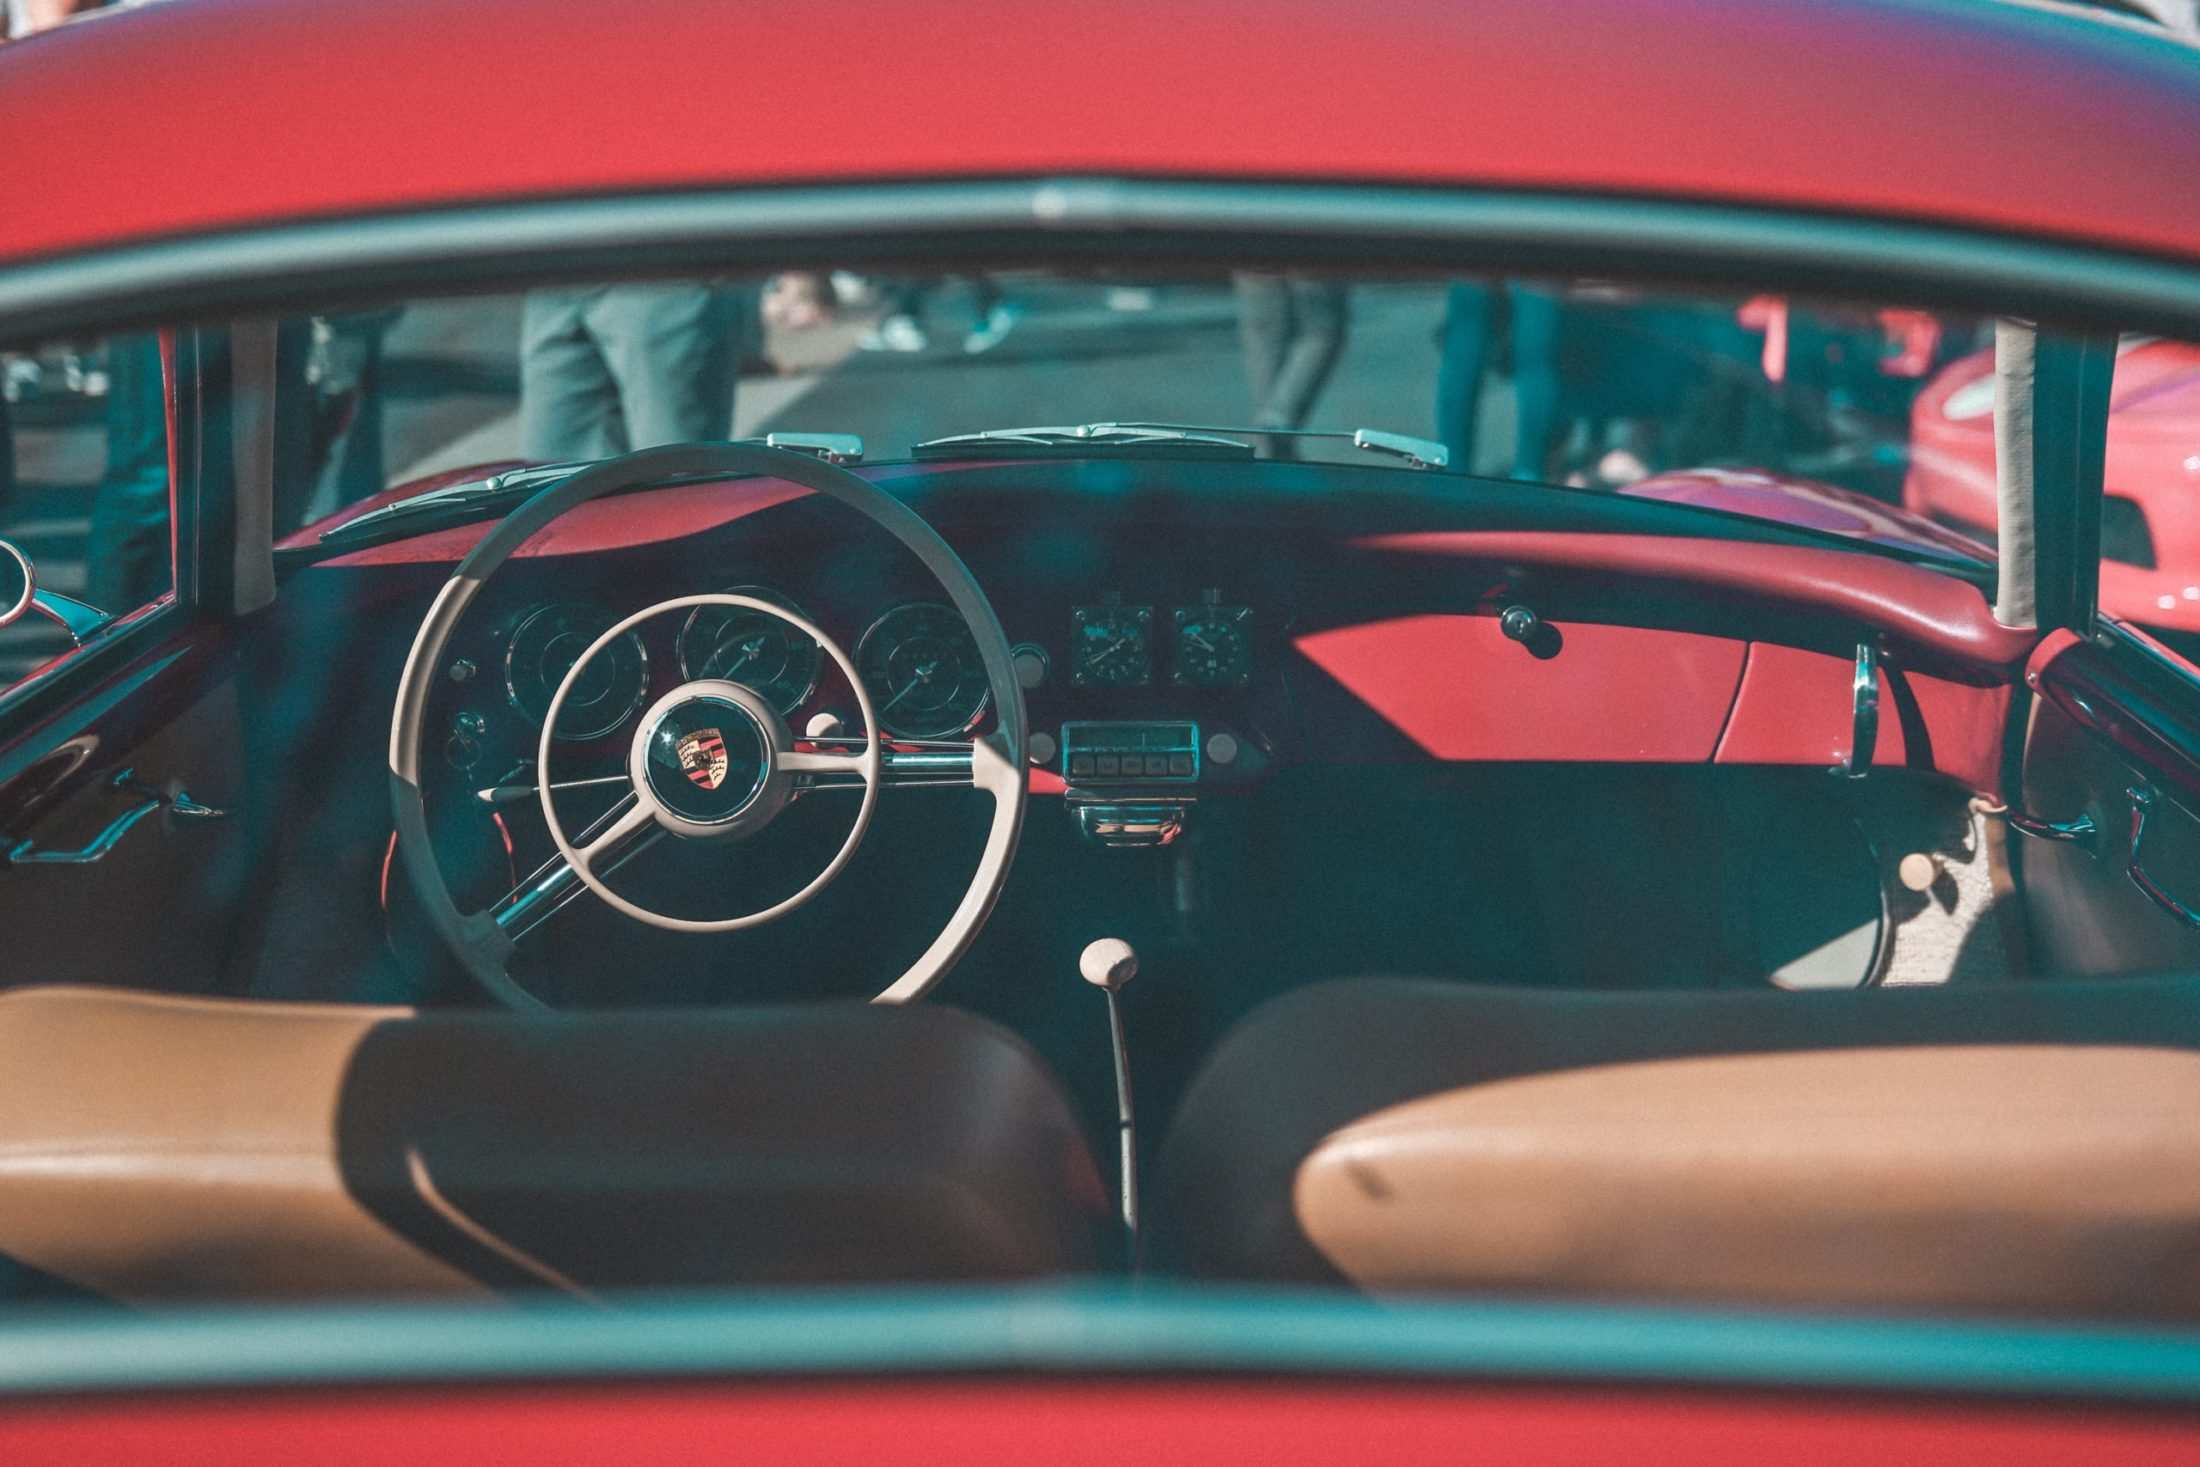 red and black Porsche vehicle interior